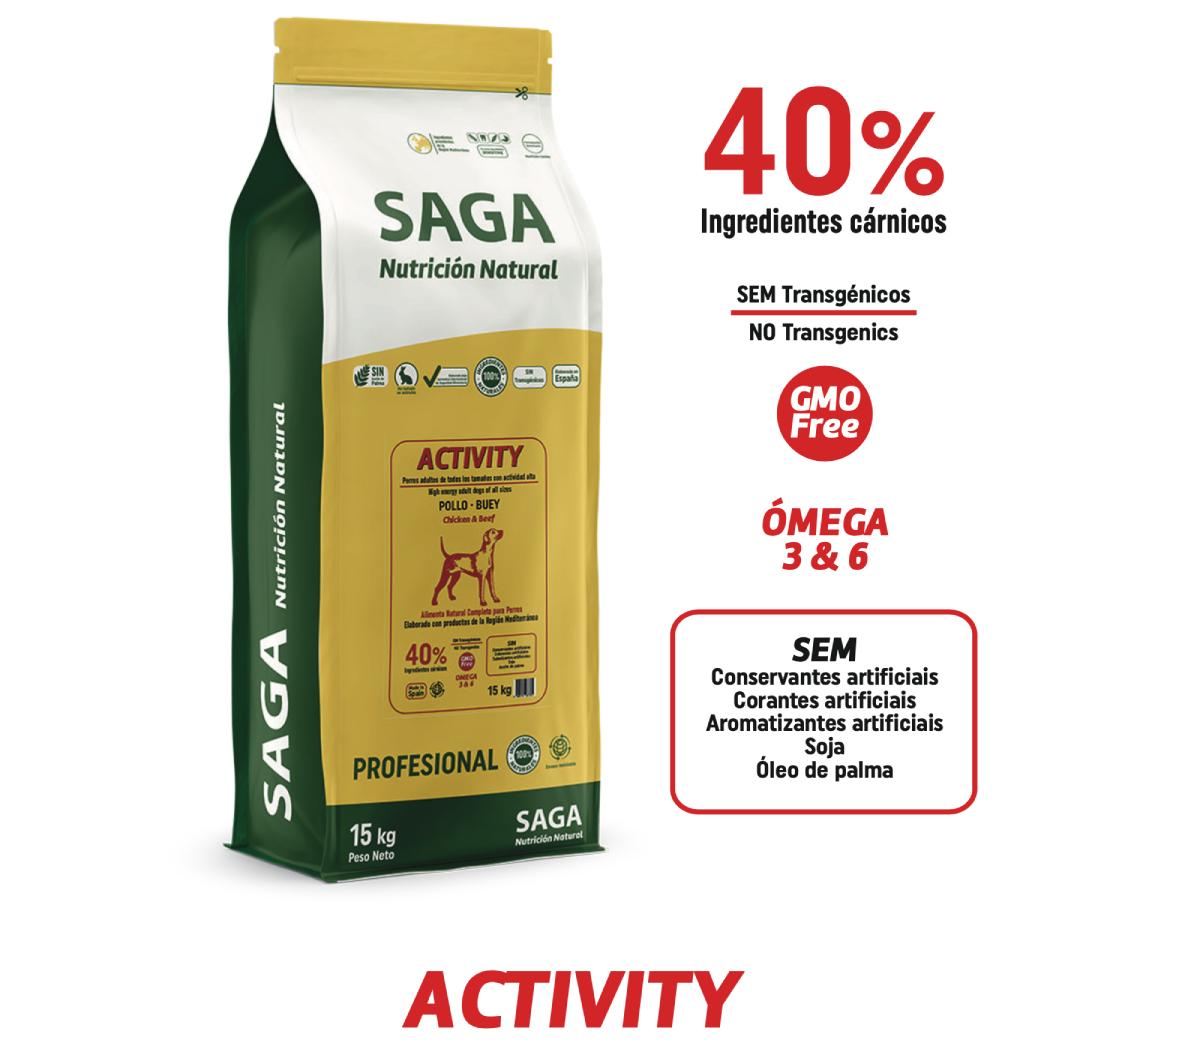 SAGA ACTIVITY 15kg